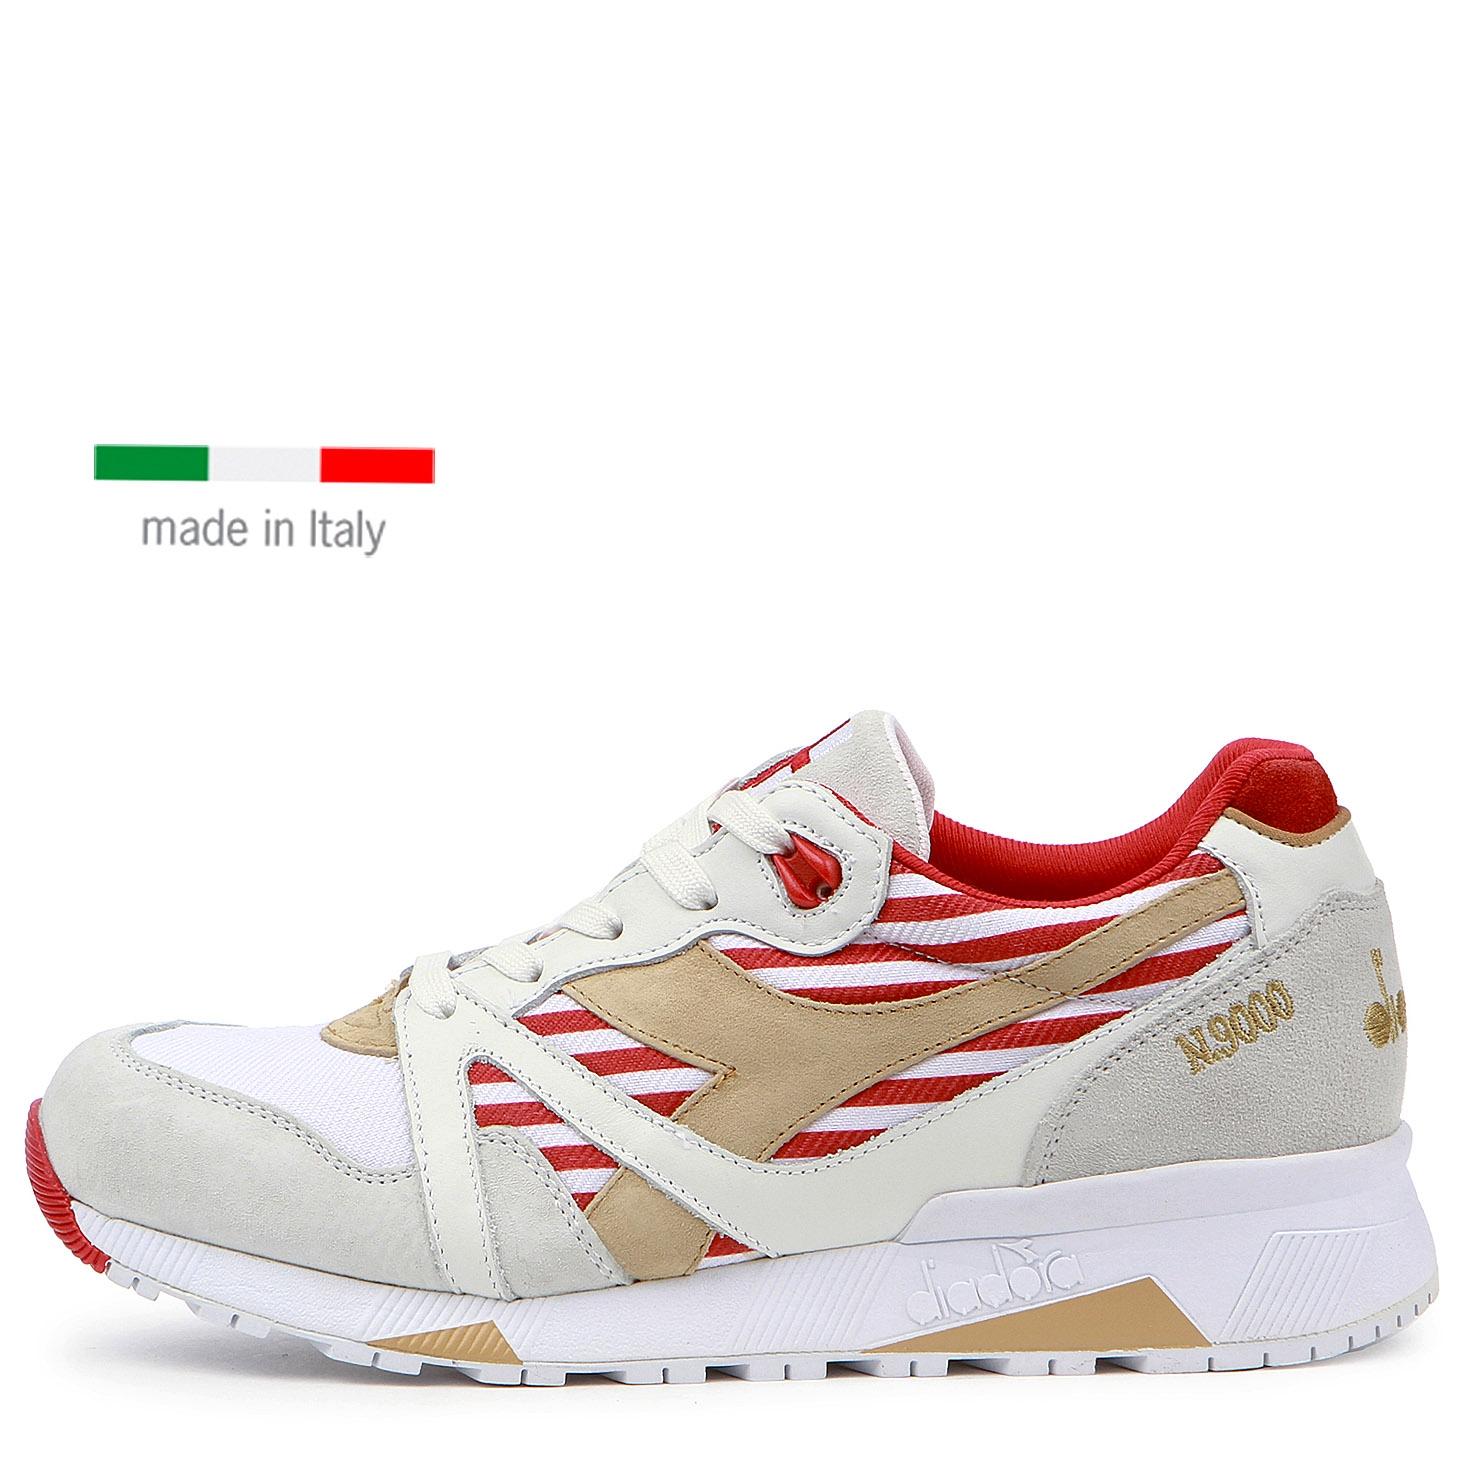 DIADORA N9000 ITALY / white / red